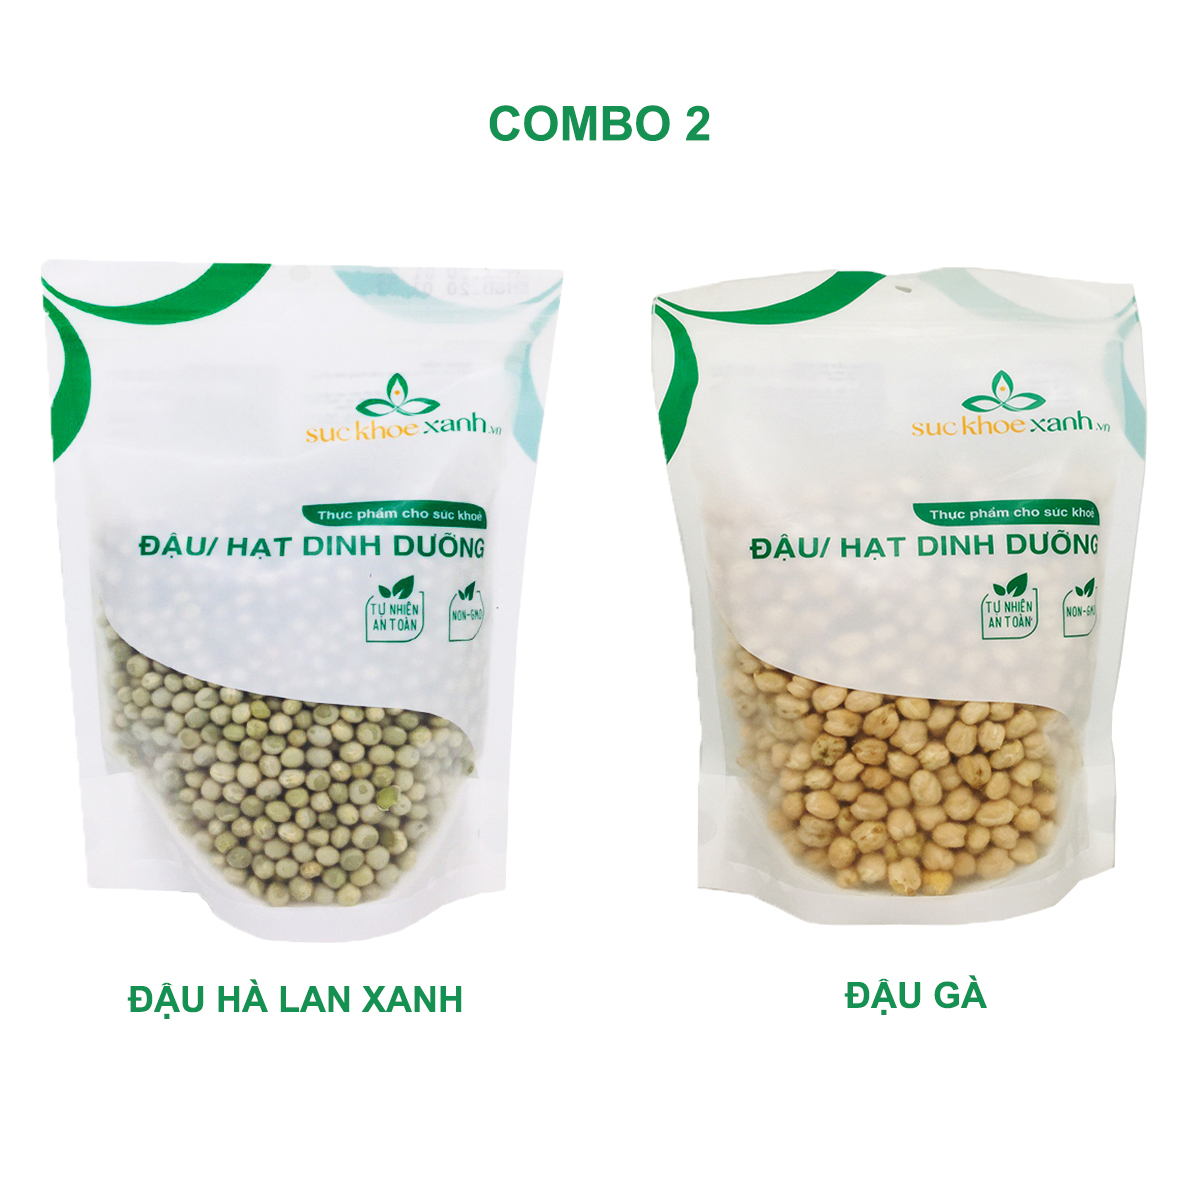 Combo 2 - Đậu gà & Đậu hà lan xanh nguyên hạt (mỗi túi 500g)